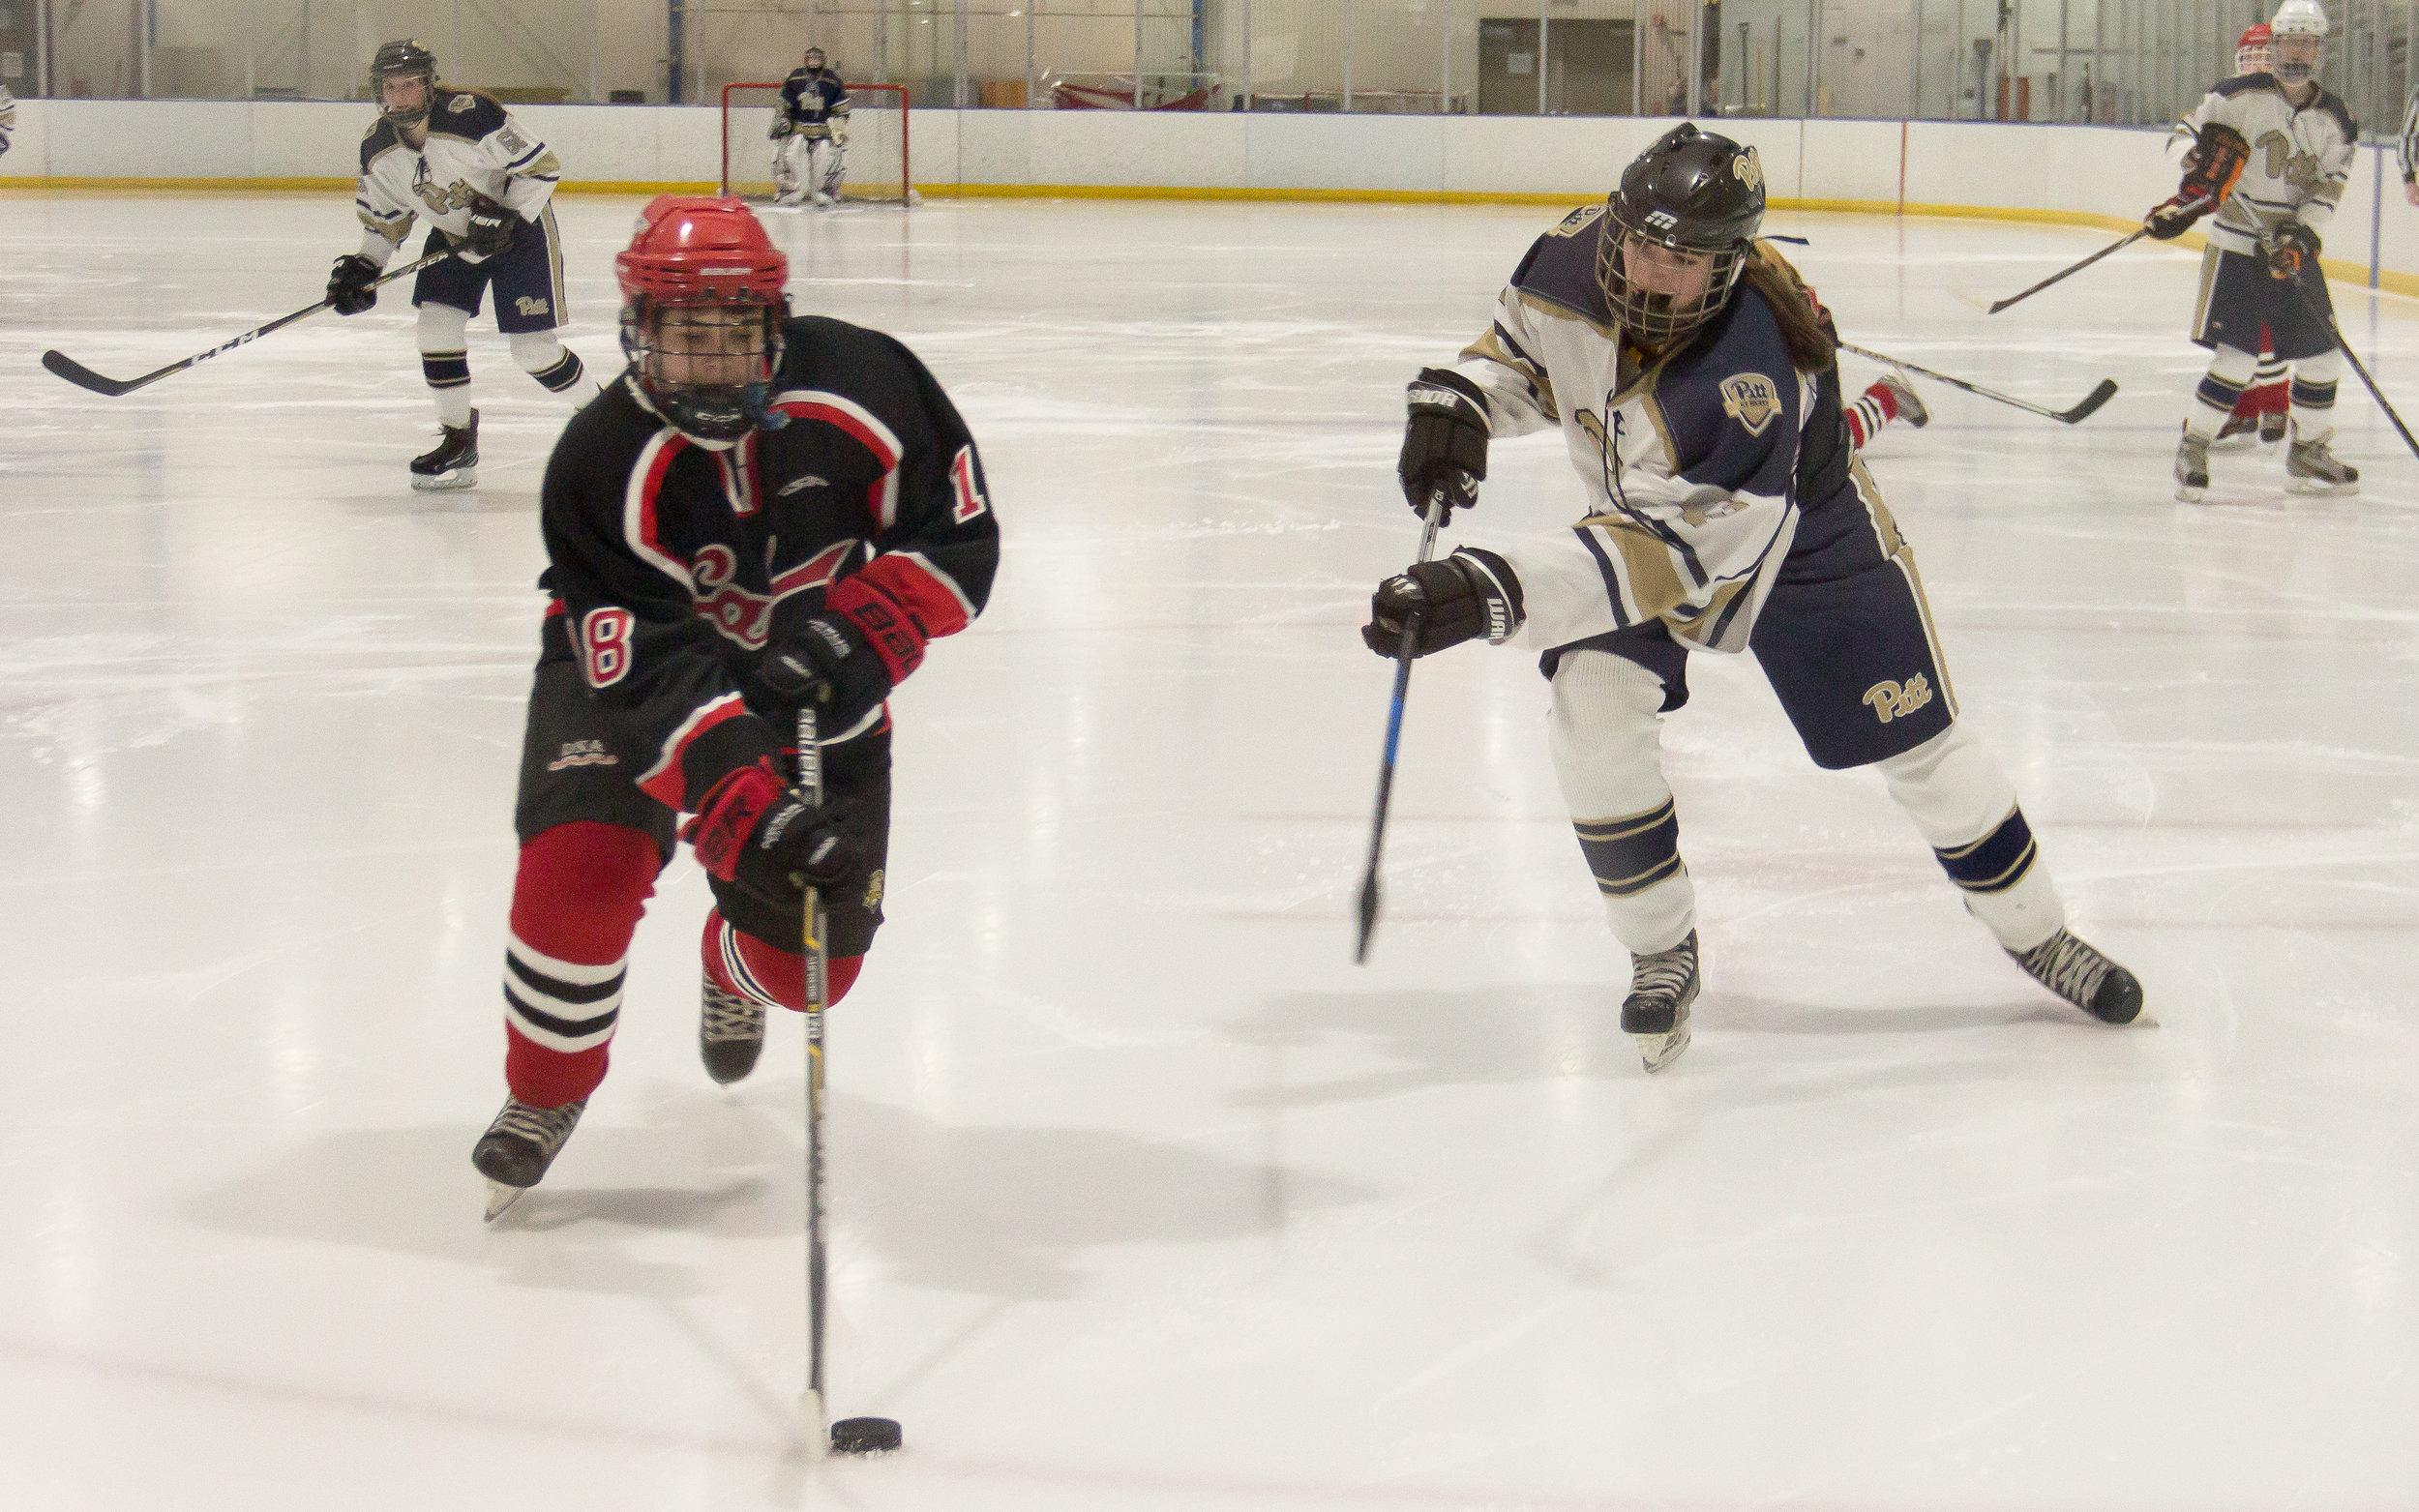 PittHockey-6.jpg